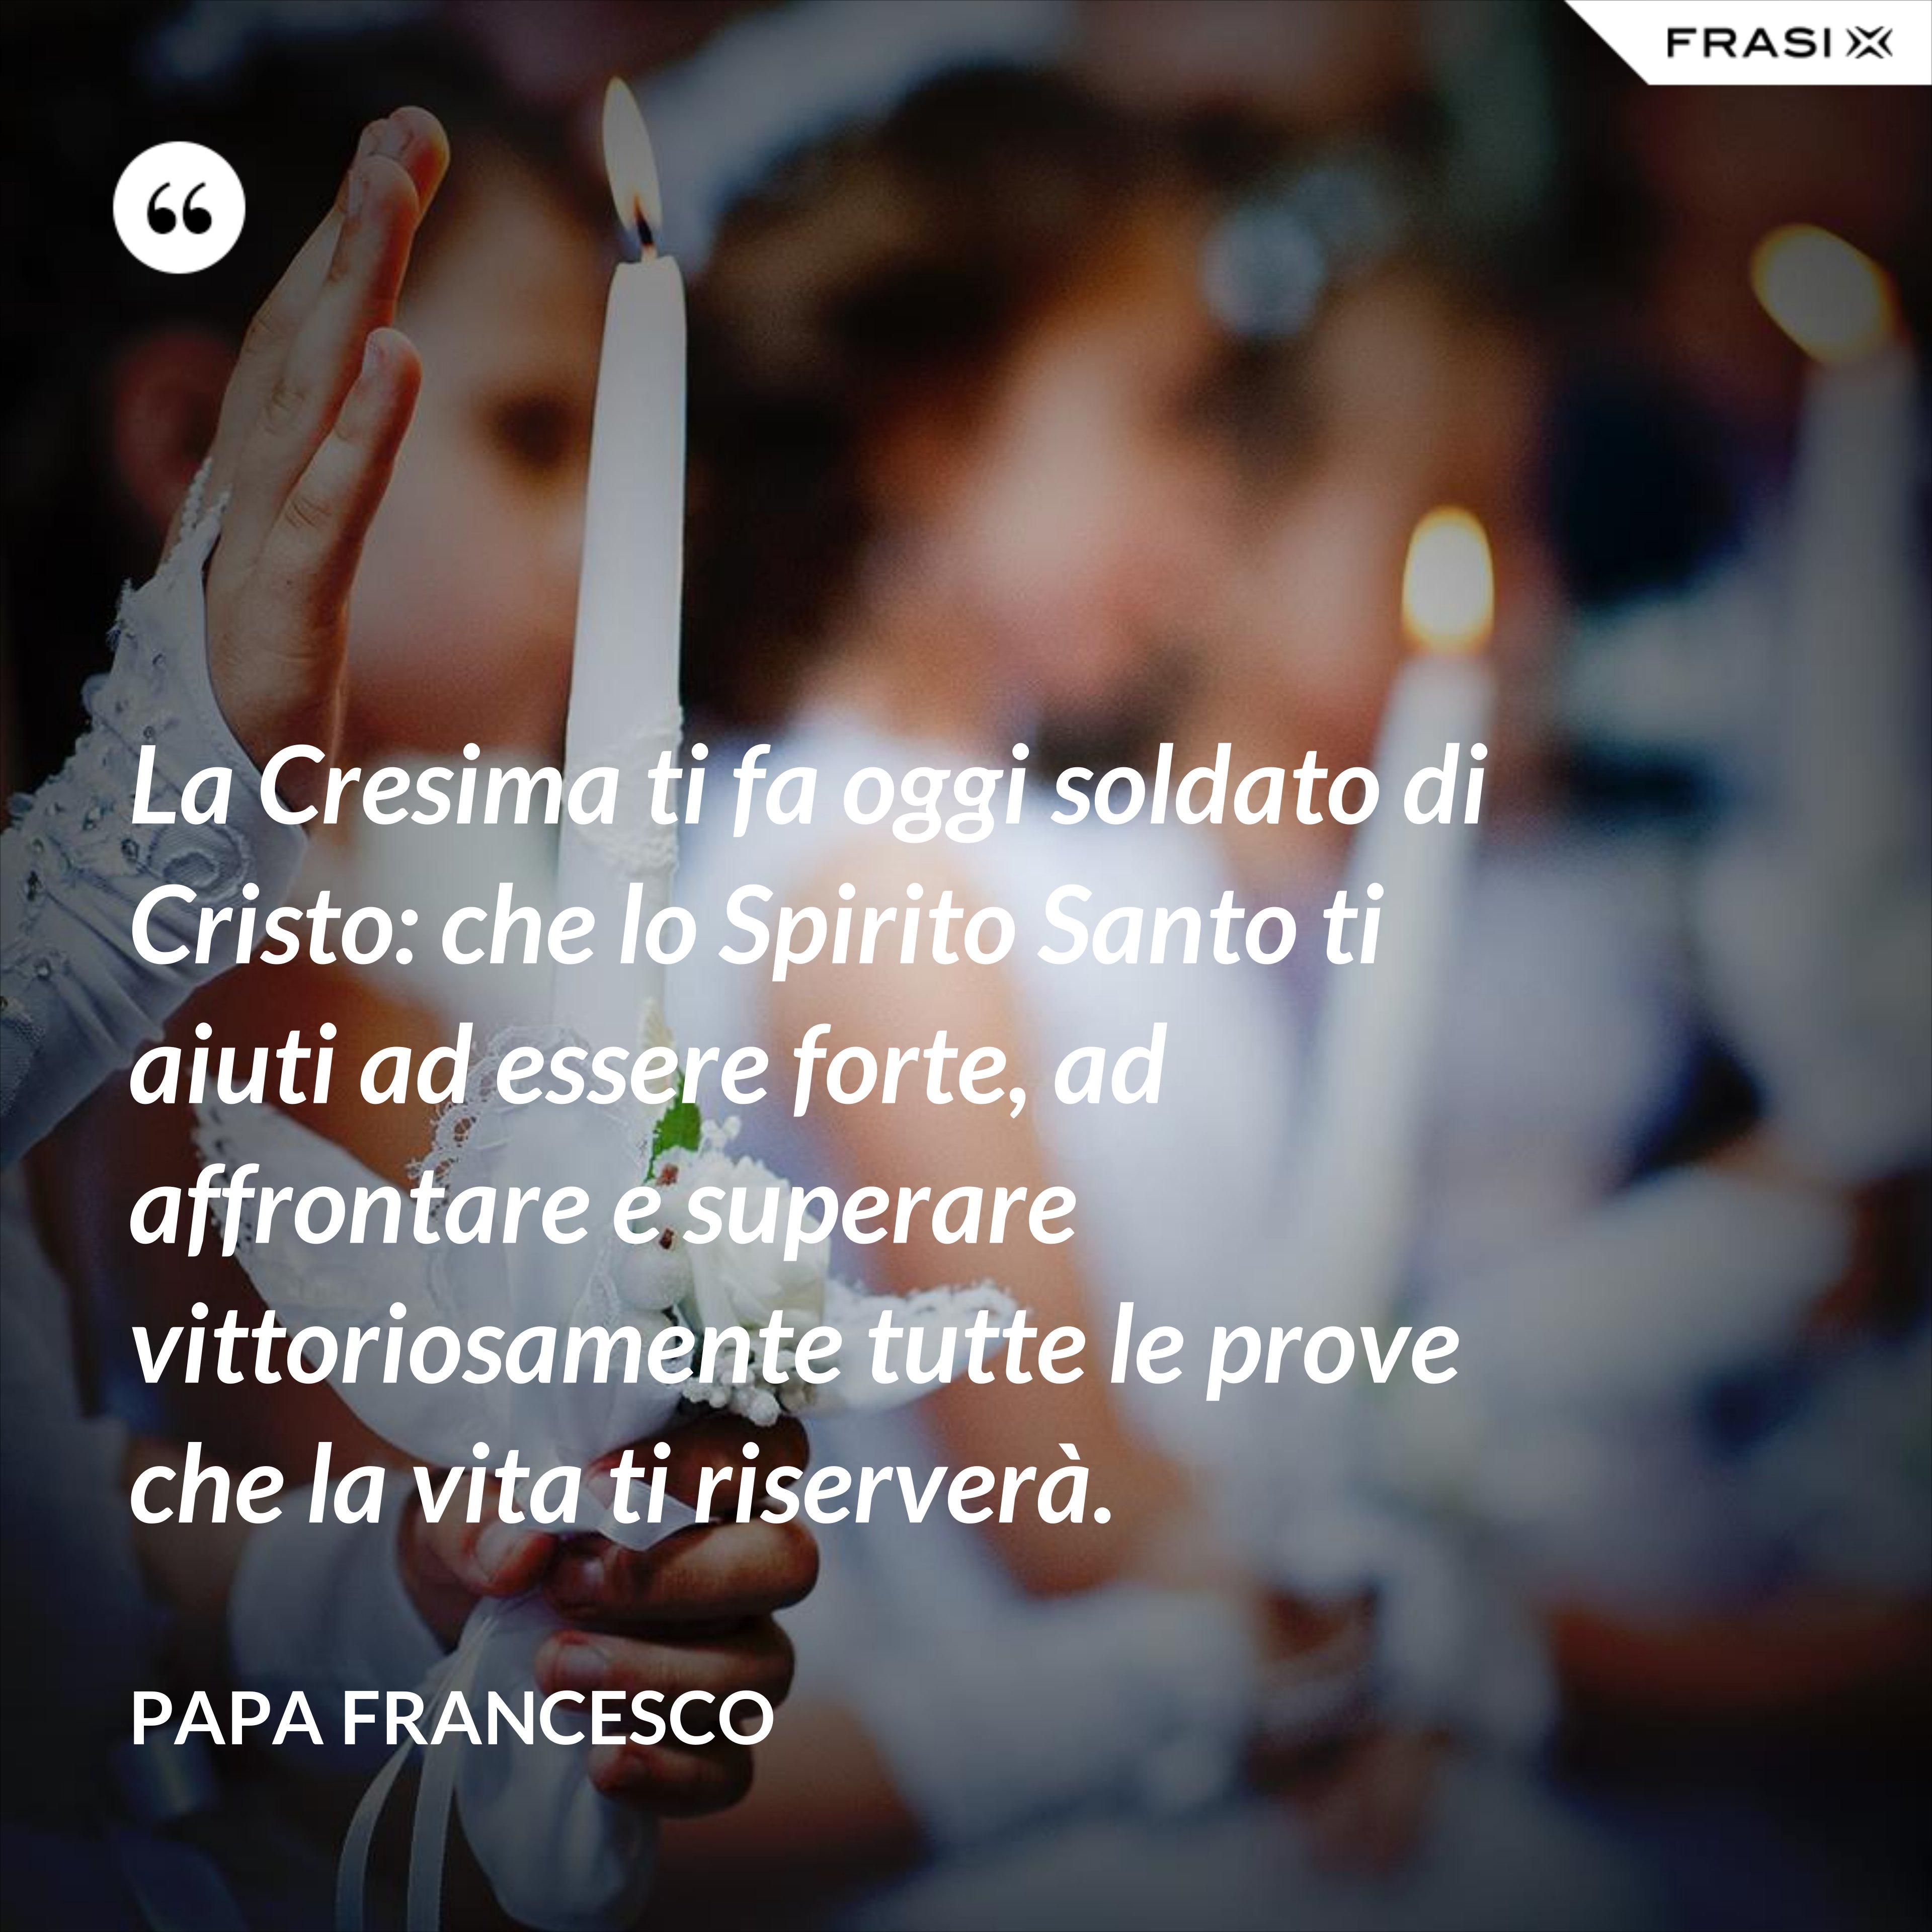 La Cresima ti fa oggi soldato di Cristo: che lo Spirito Santo ti aiuti ad essere forte, ad affrontare e superare vittoriosamente tutte le prove che la vita ti riserverà. - Papa Francesco